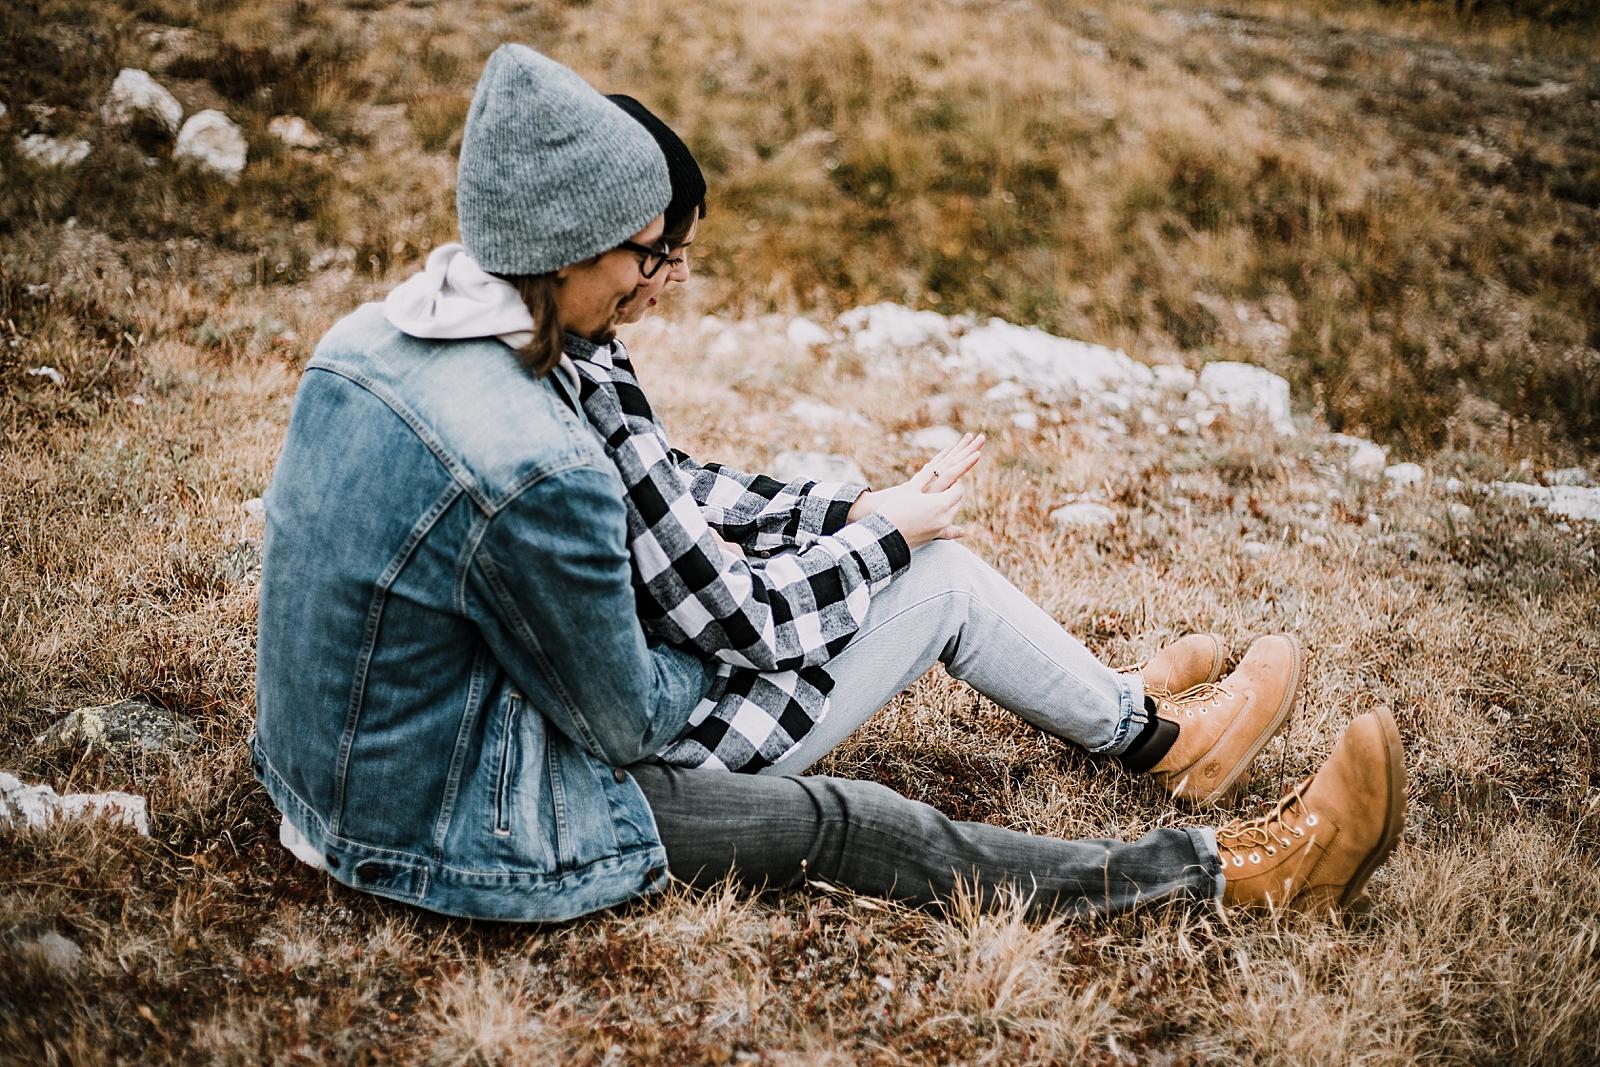 engagement ring, colorado surprise proposal, hike mayflower gulch, mayflower gulch proposal, mayflower gulch elopement, mayflower gulch wedding, colorado mountainscape, leadville elopement